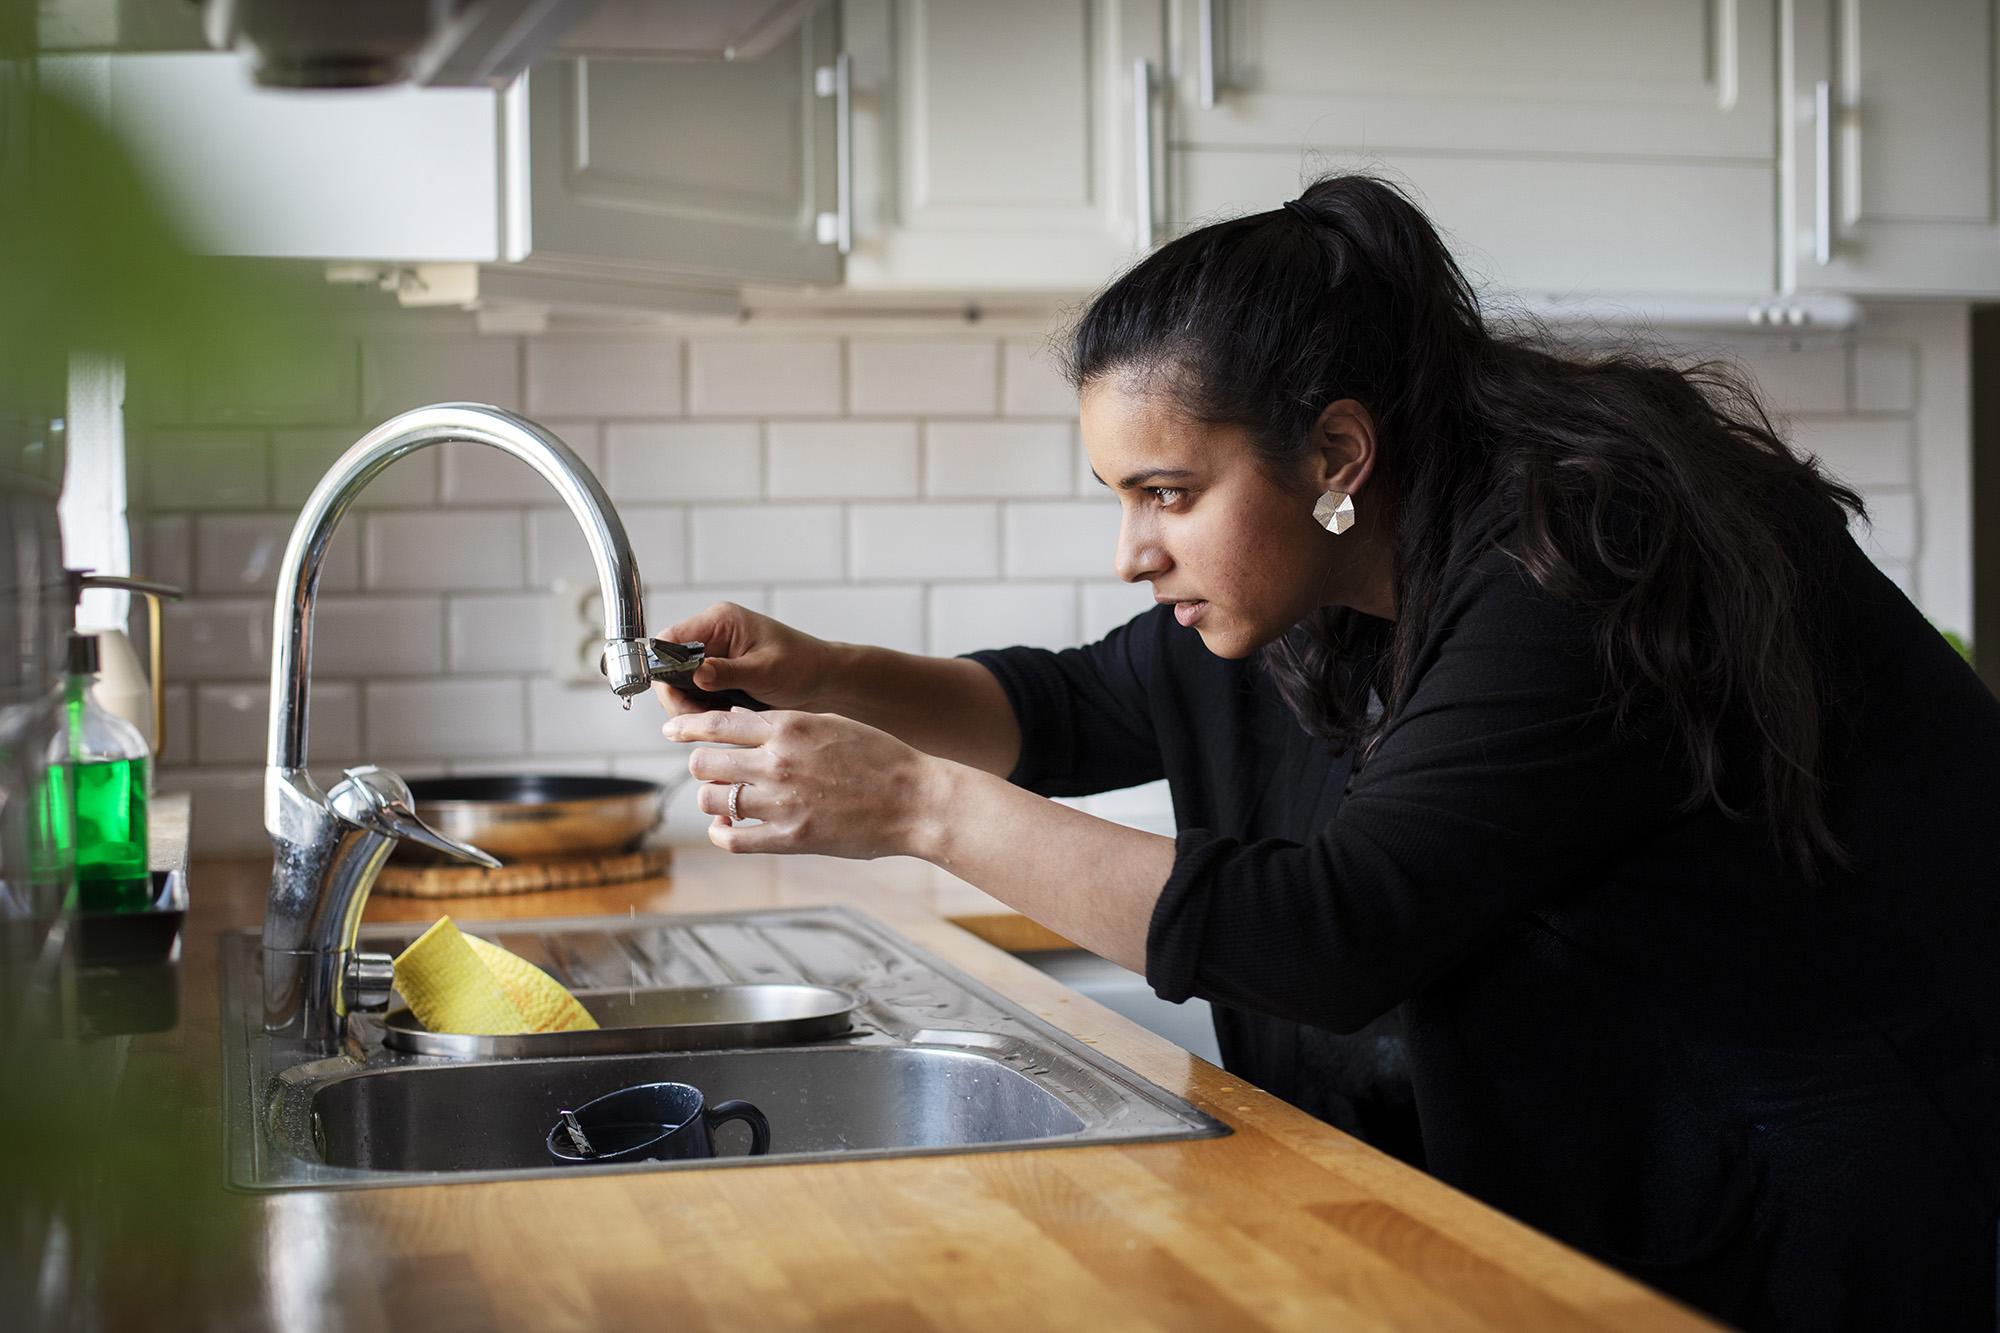 Kvinna som drar åt packningen till en kran i köket